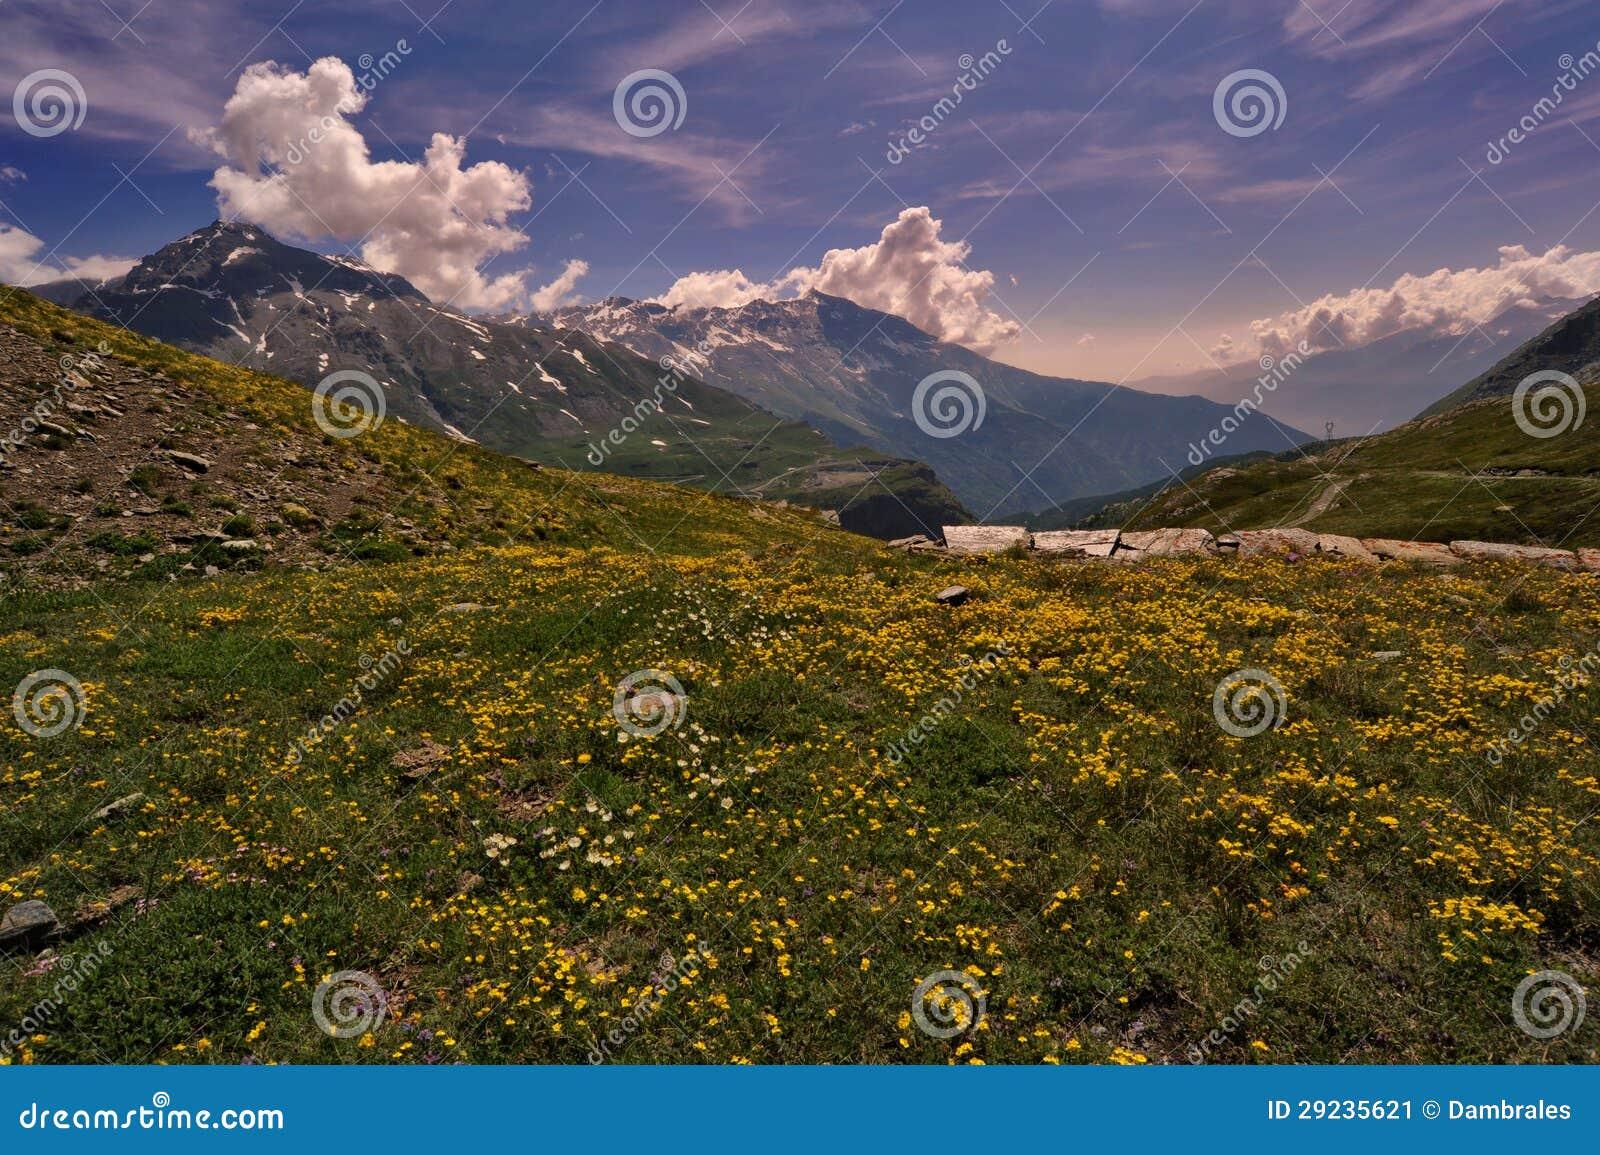 Download Flores na montanha imagem de stock. Imagem de flores - 29235621